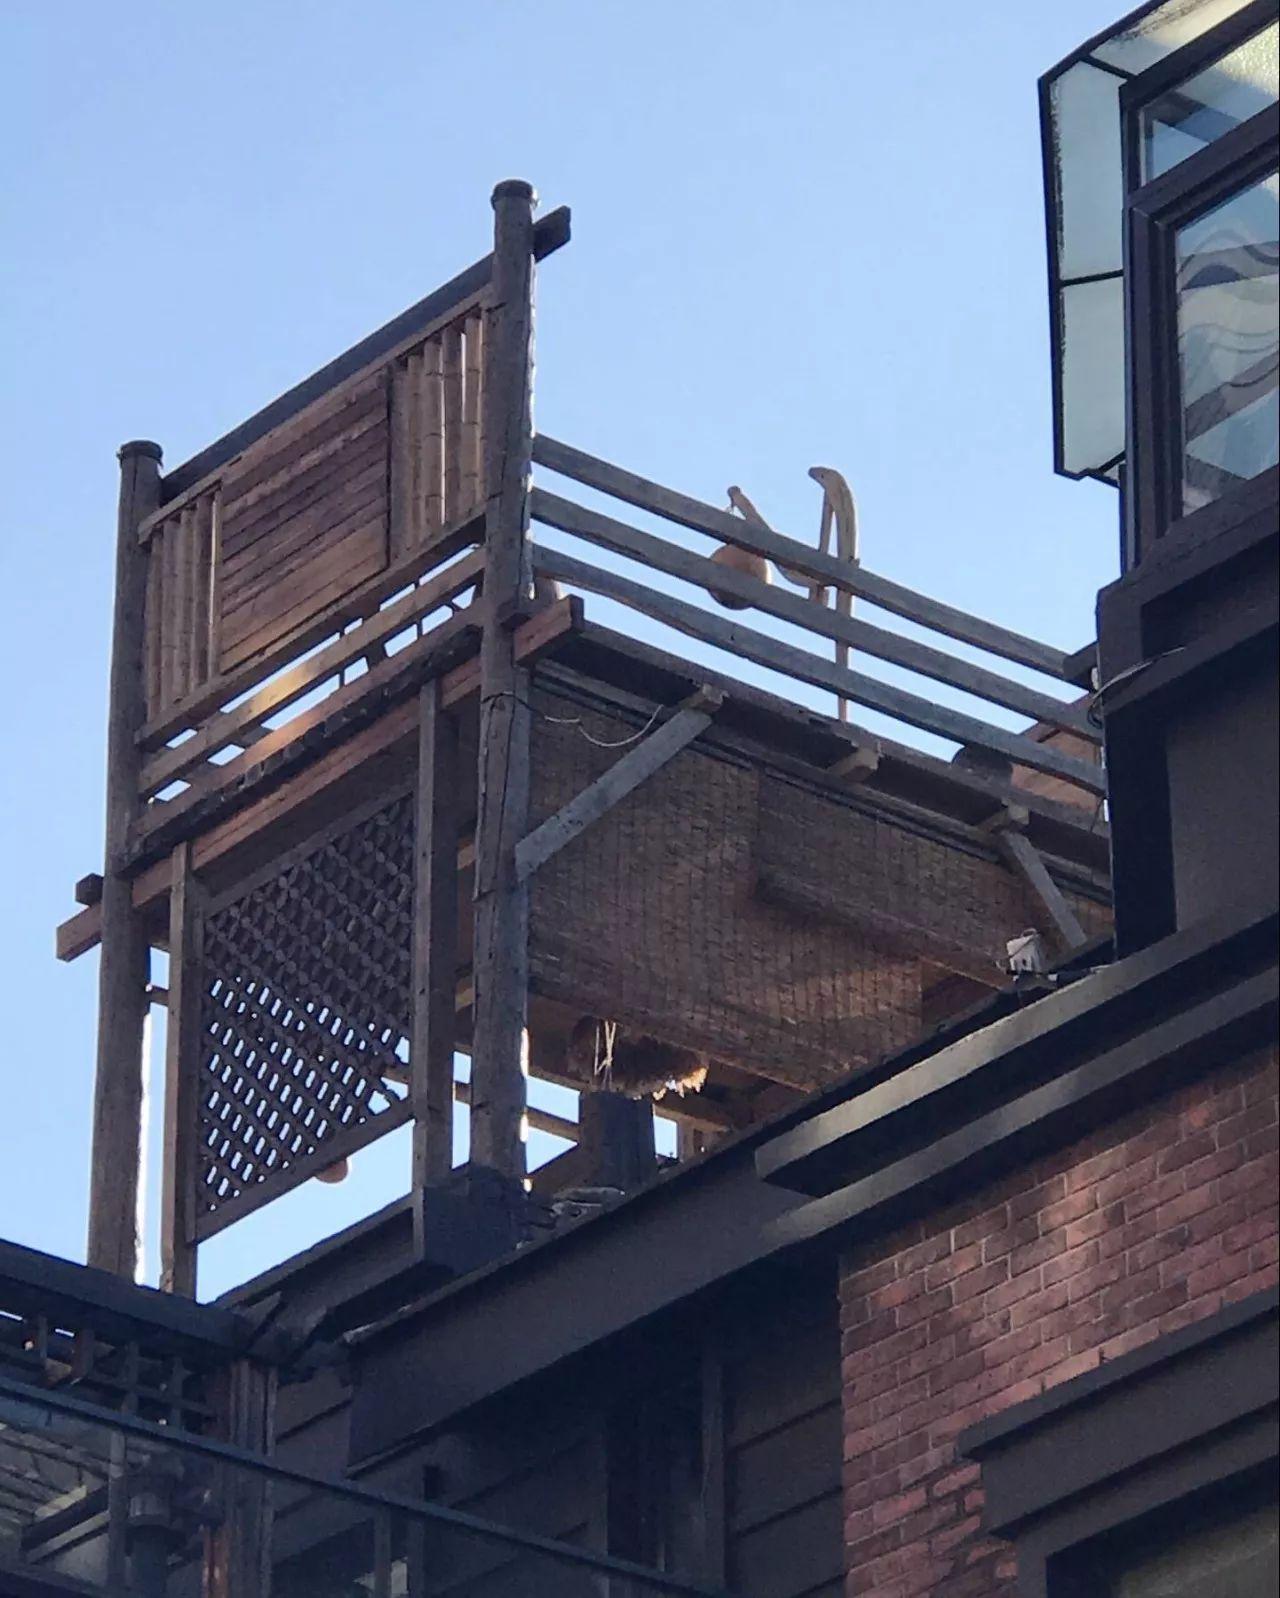 长春一东西别墅建了一个诡异的房主!大门是做顶层大理石别墅套图片